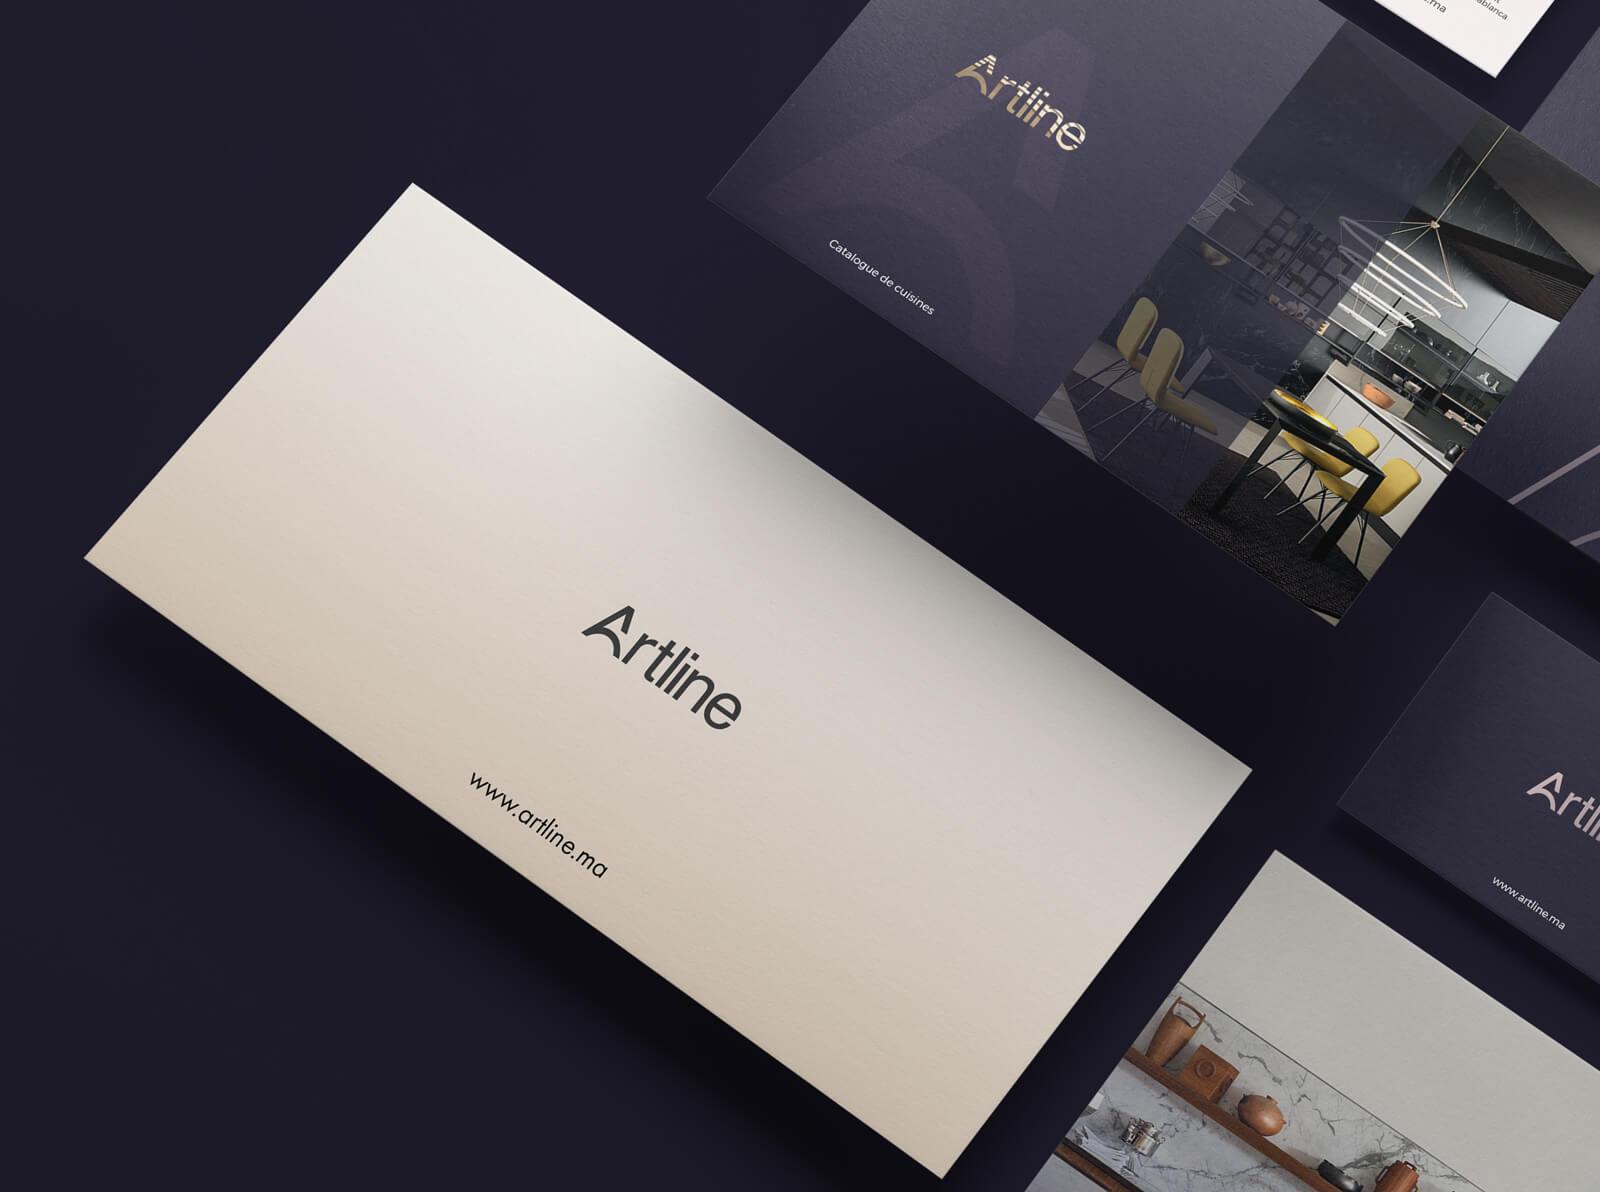 Identité de marque intérieur Artline identité visuelle intérieur Identité Artline intérieur art6